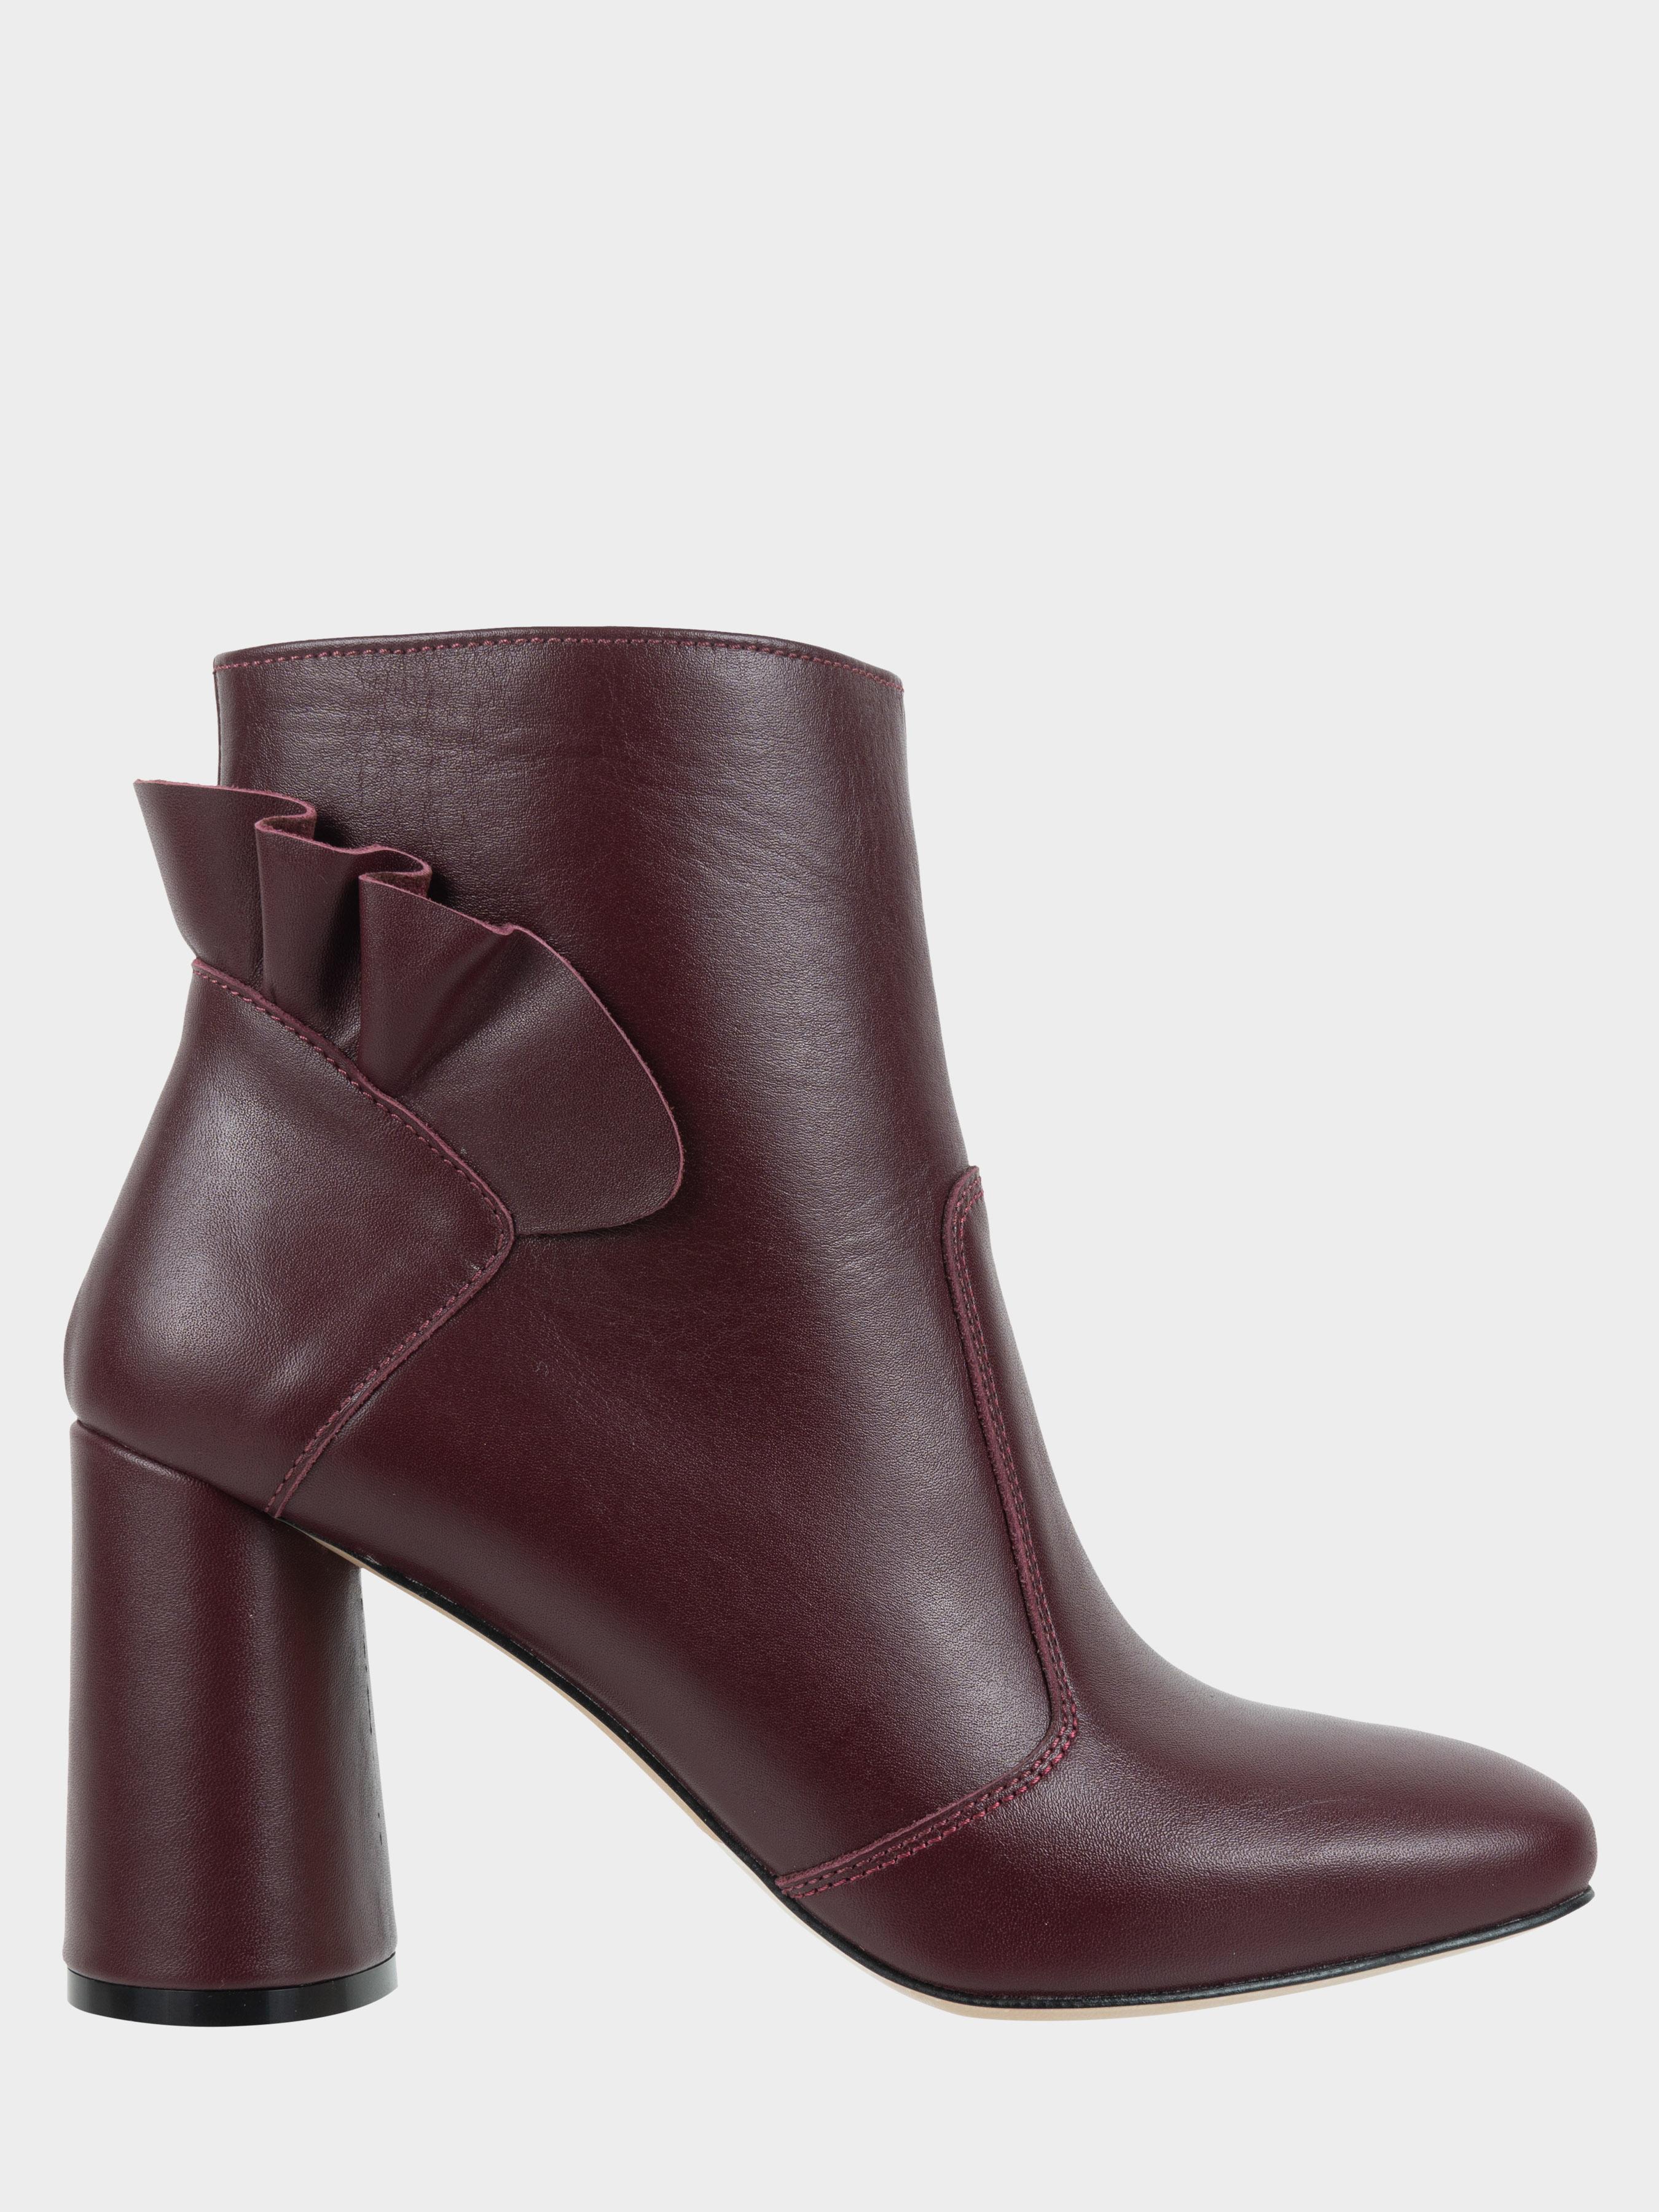 Ботинки женские Ботильоны Бонита кожа бордовые толстый каблук 100182 , 2017